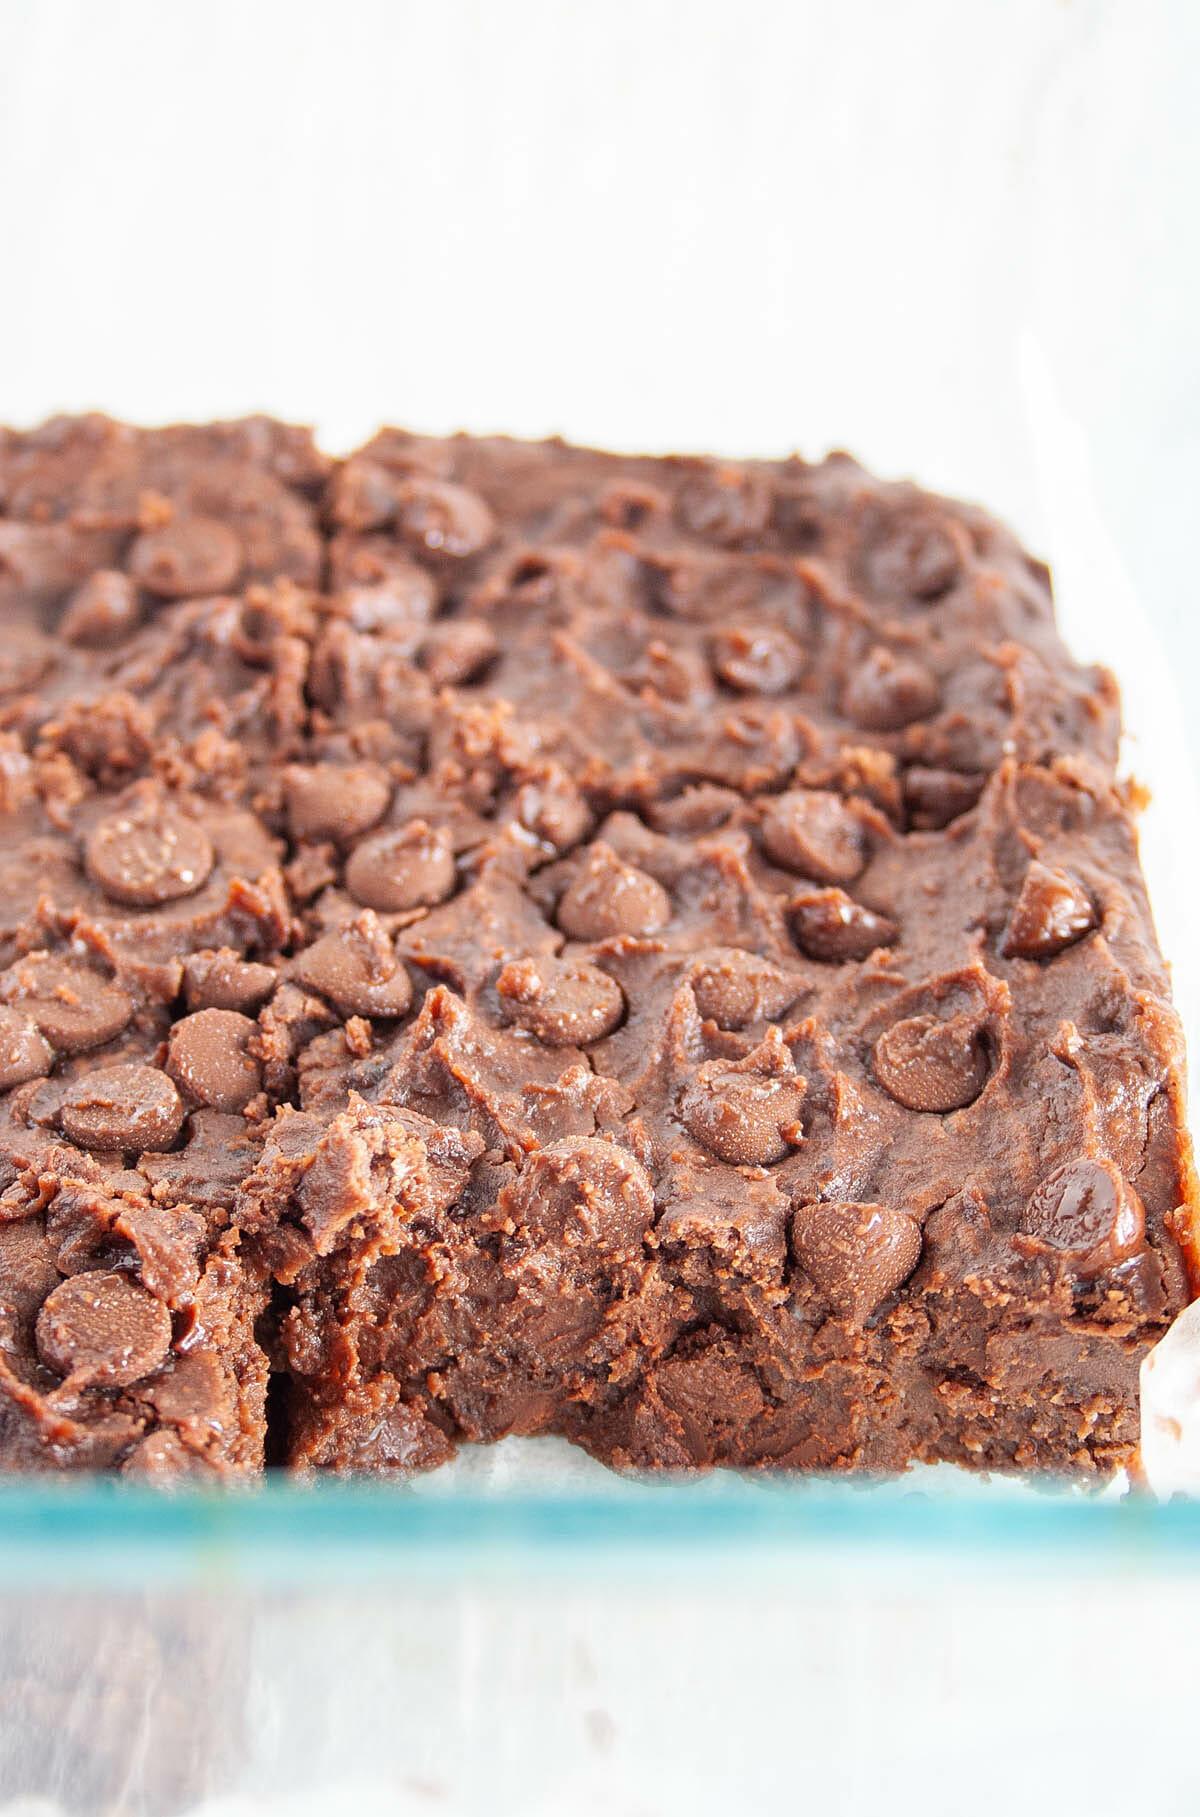 Vegan Black Bean Brownies in baking dish.